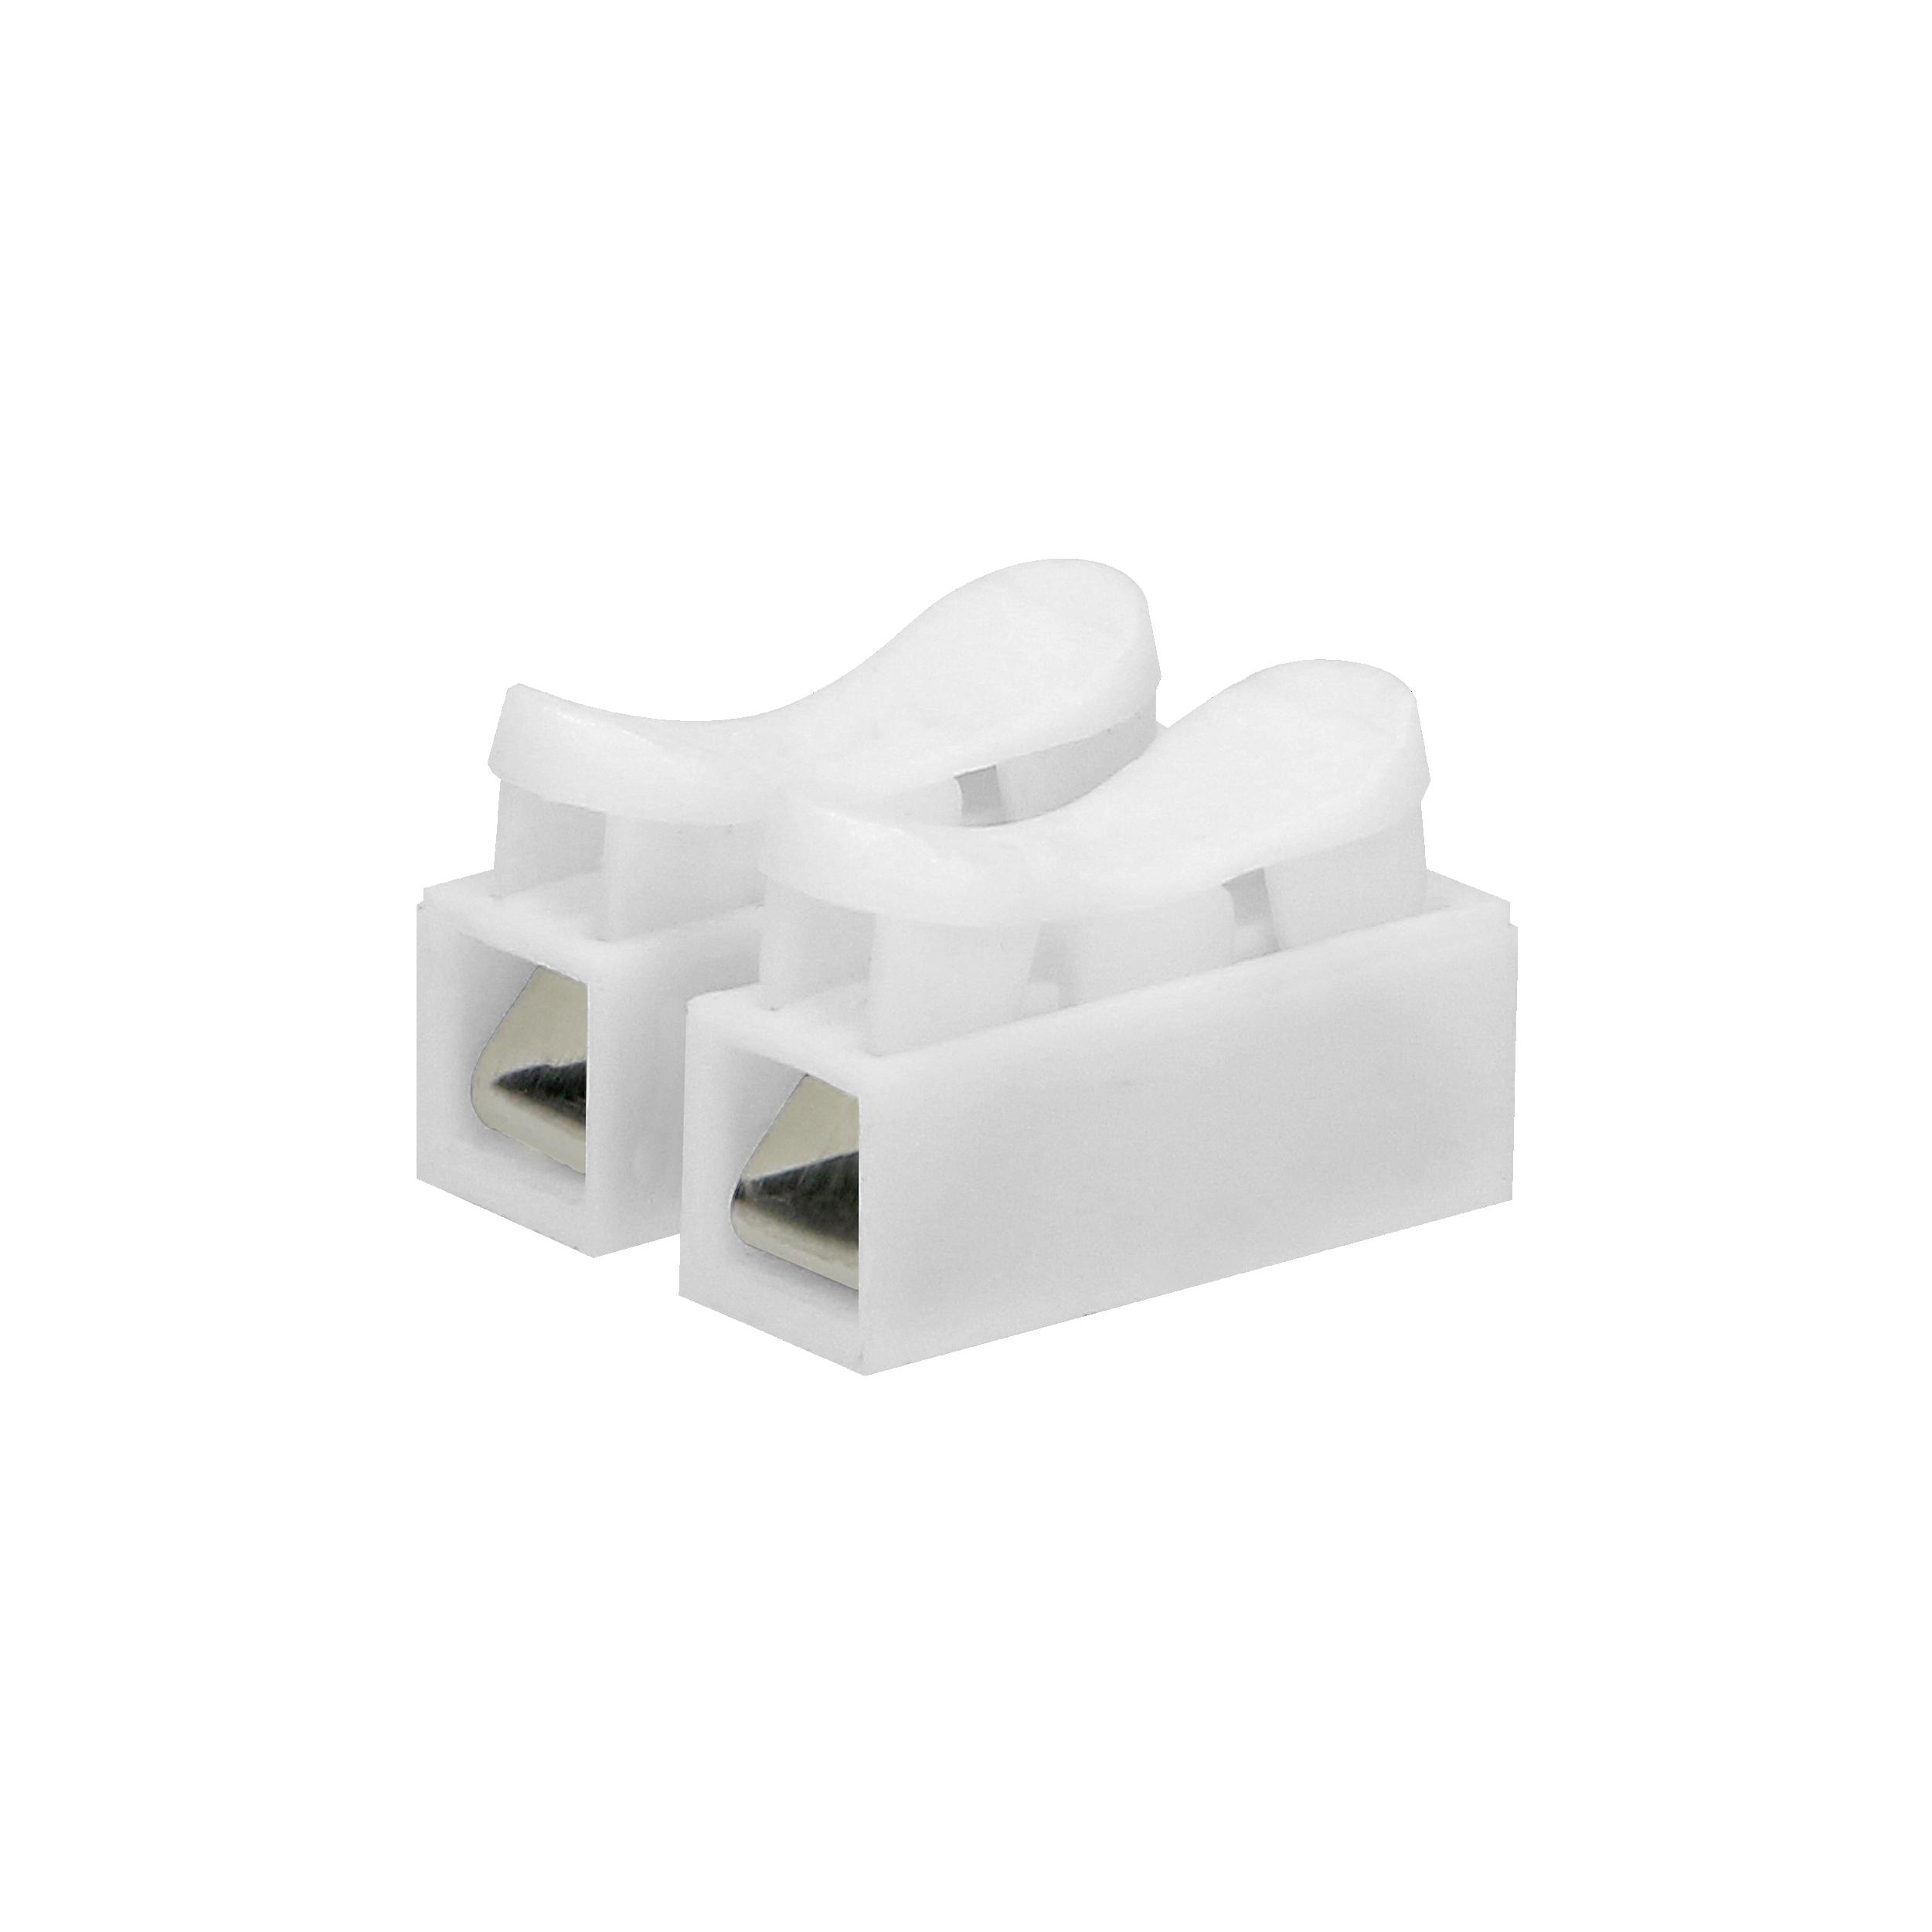 Złączka dwutorowa sprężynowa 2x2,5mm², 10 sztuk